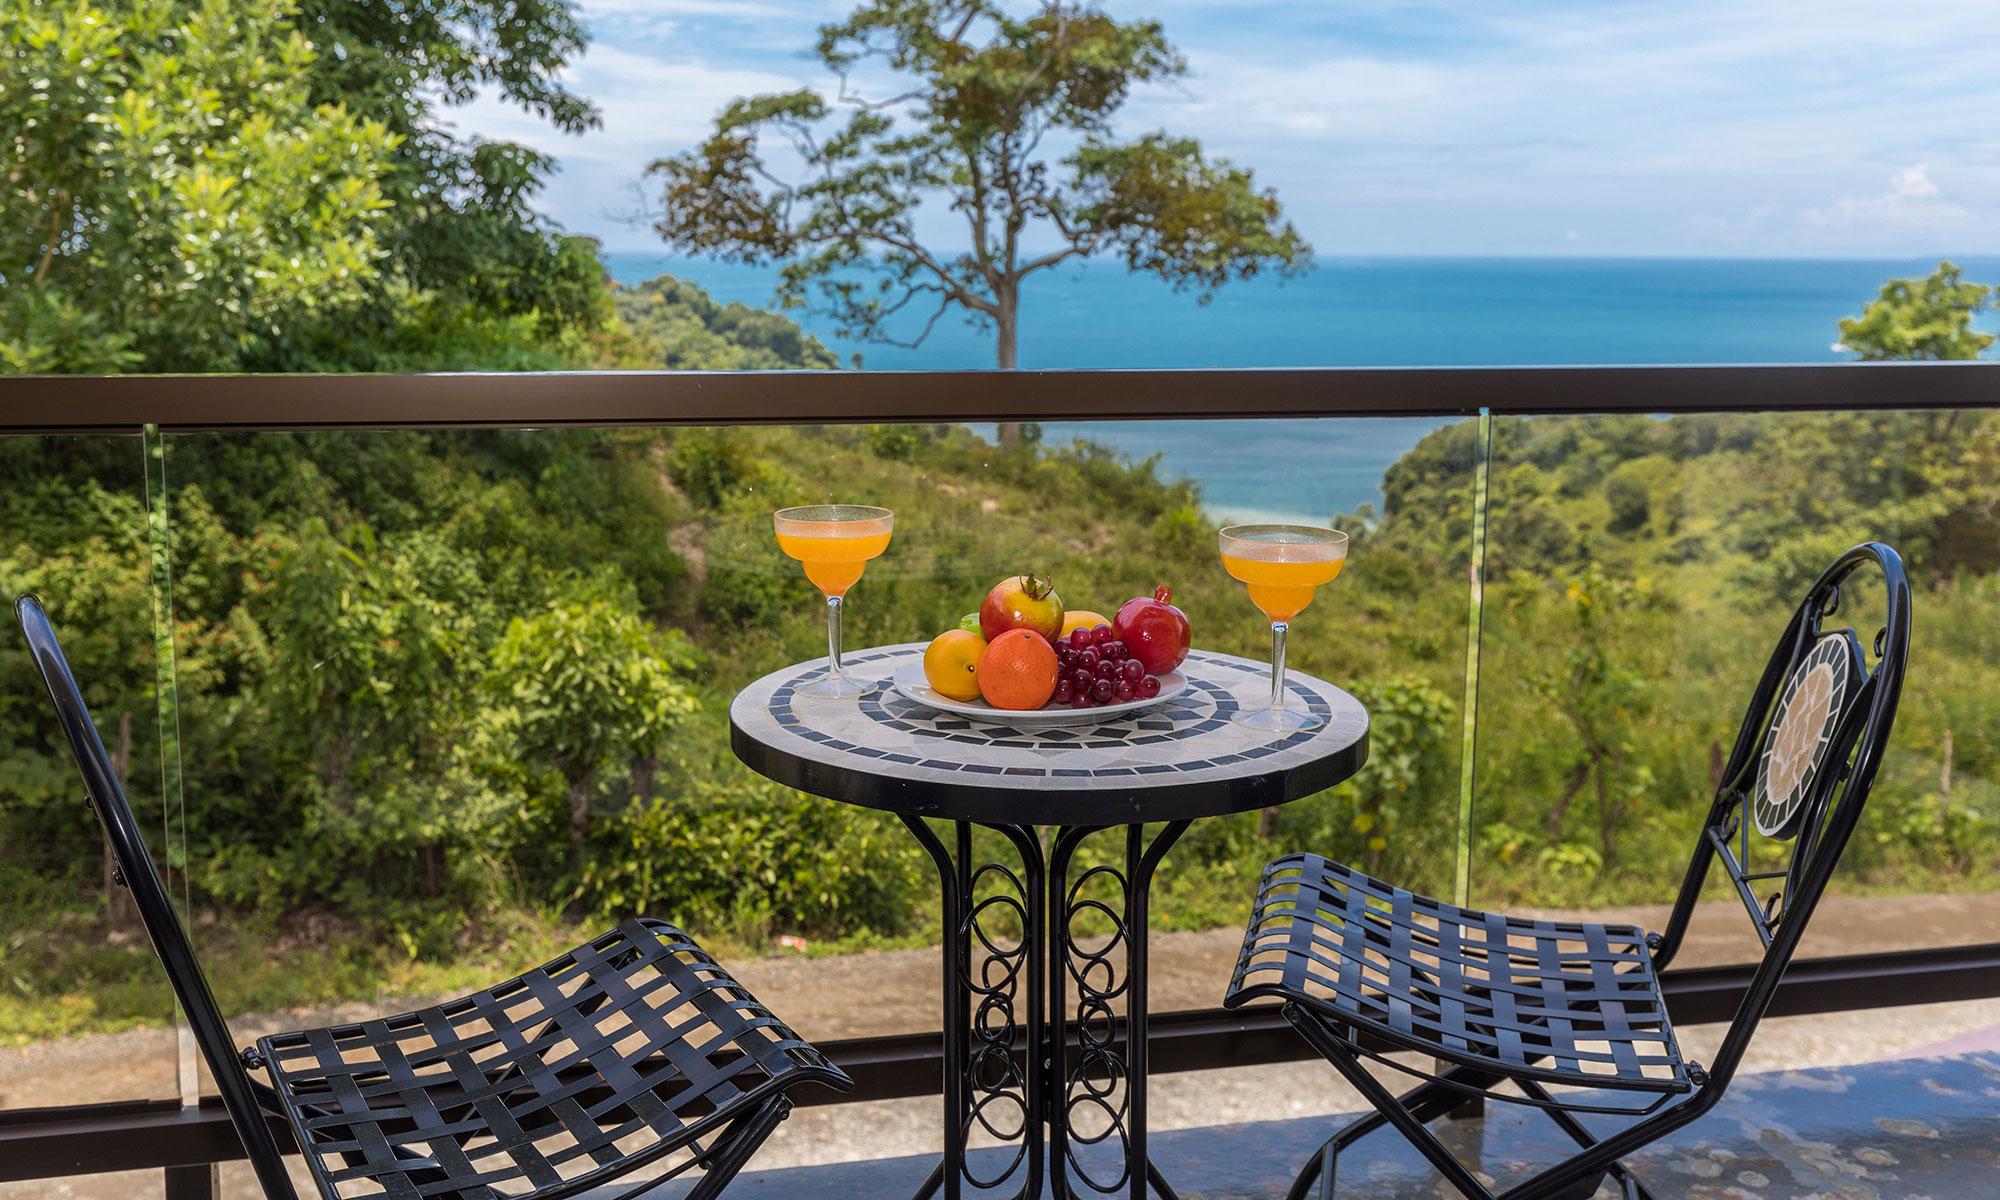 Casa wyrica balcony view